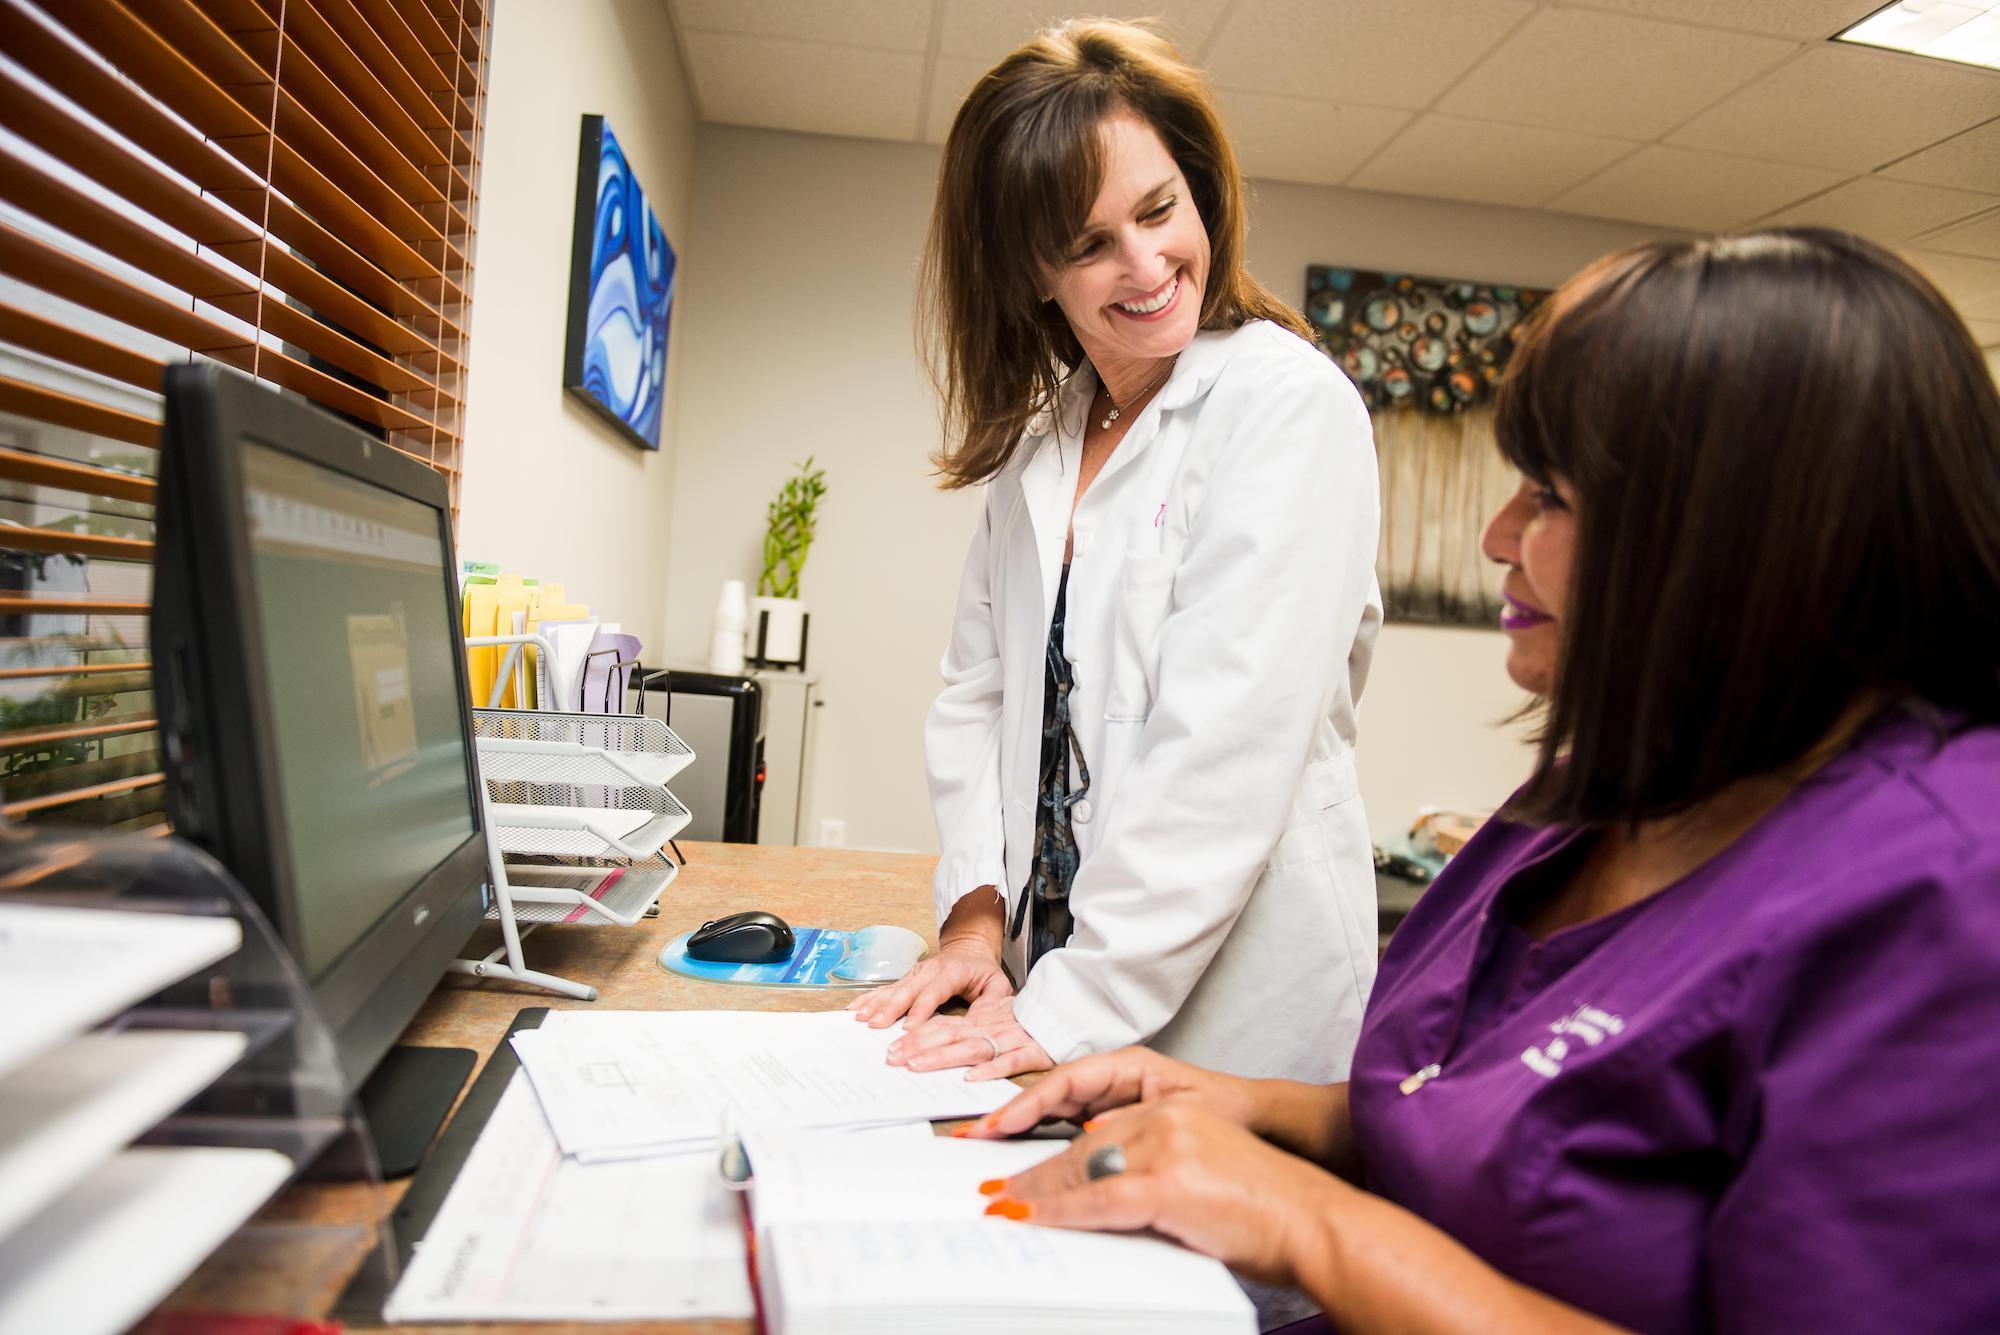 urogynecology treatments